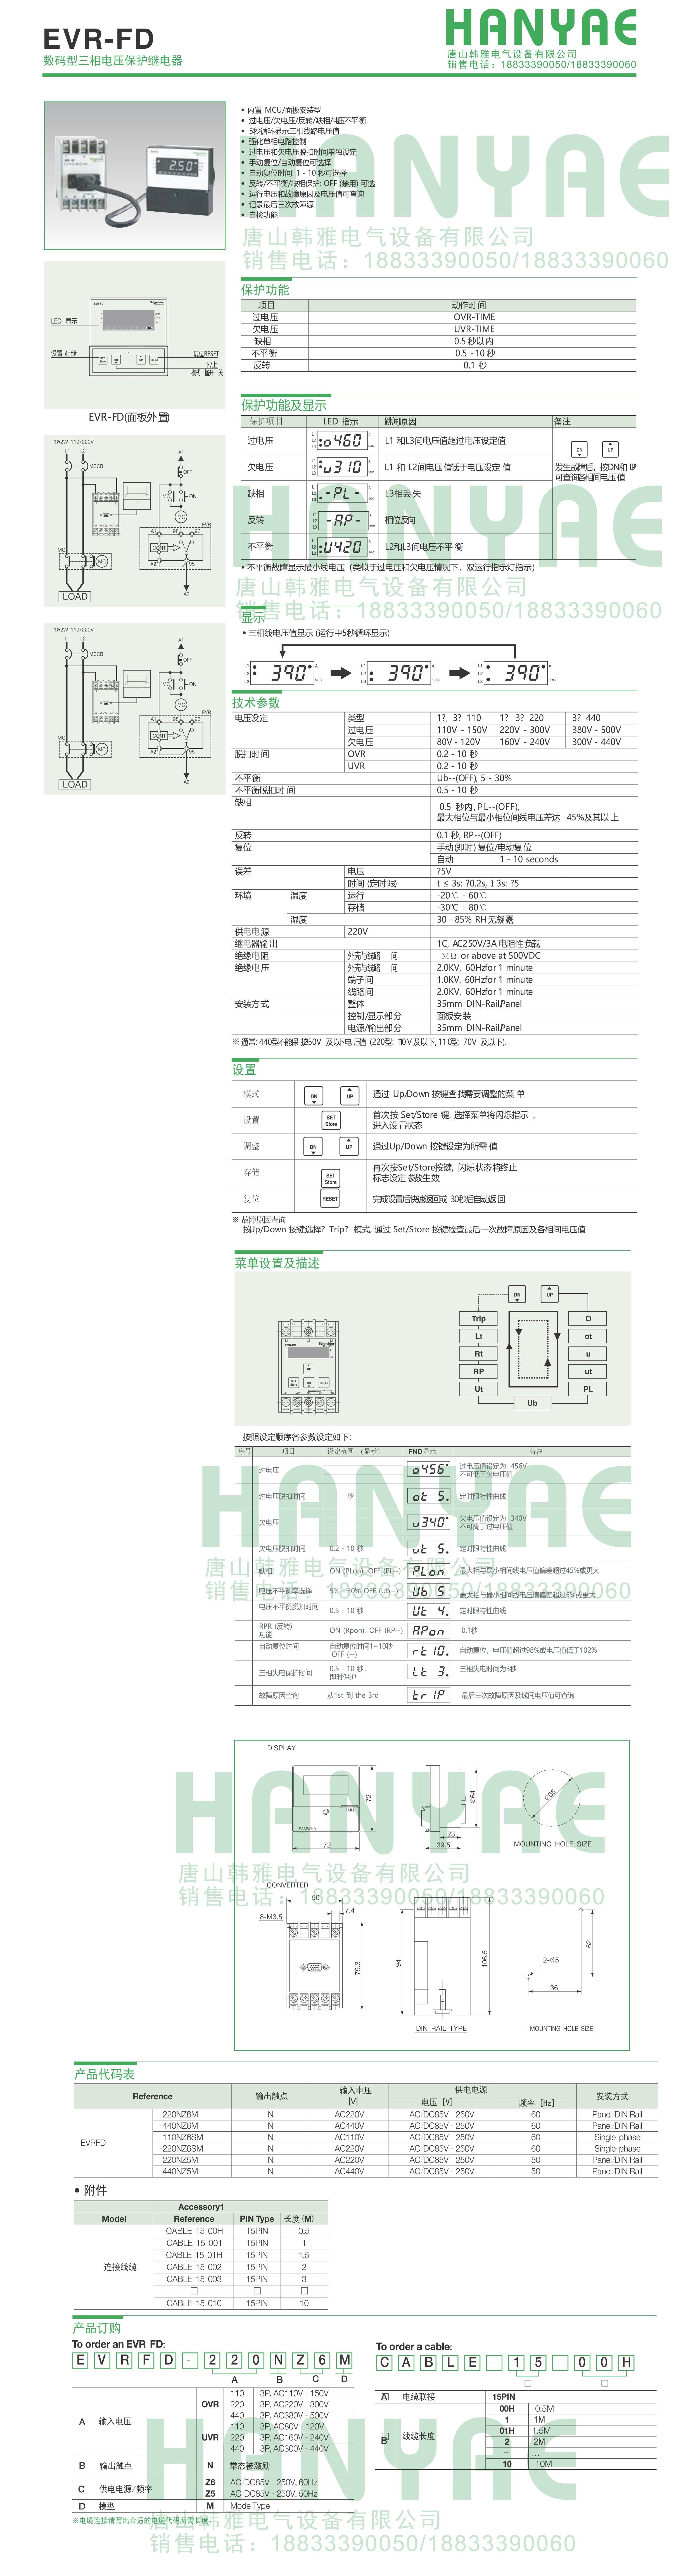 施耐德EOCR(原韩国三和)-电压保护器EVRFD-440NZ5M EVRFD,施耐德EOCR,电动机保护器,韩国三和SAMWHA,电子式继电器